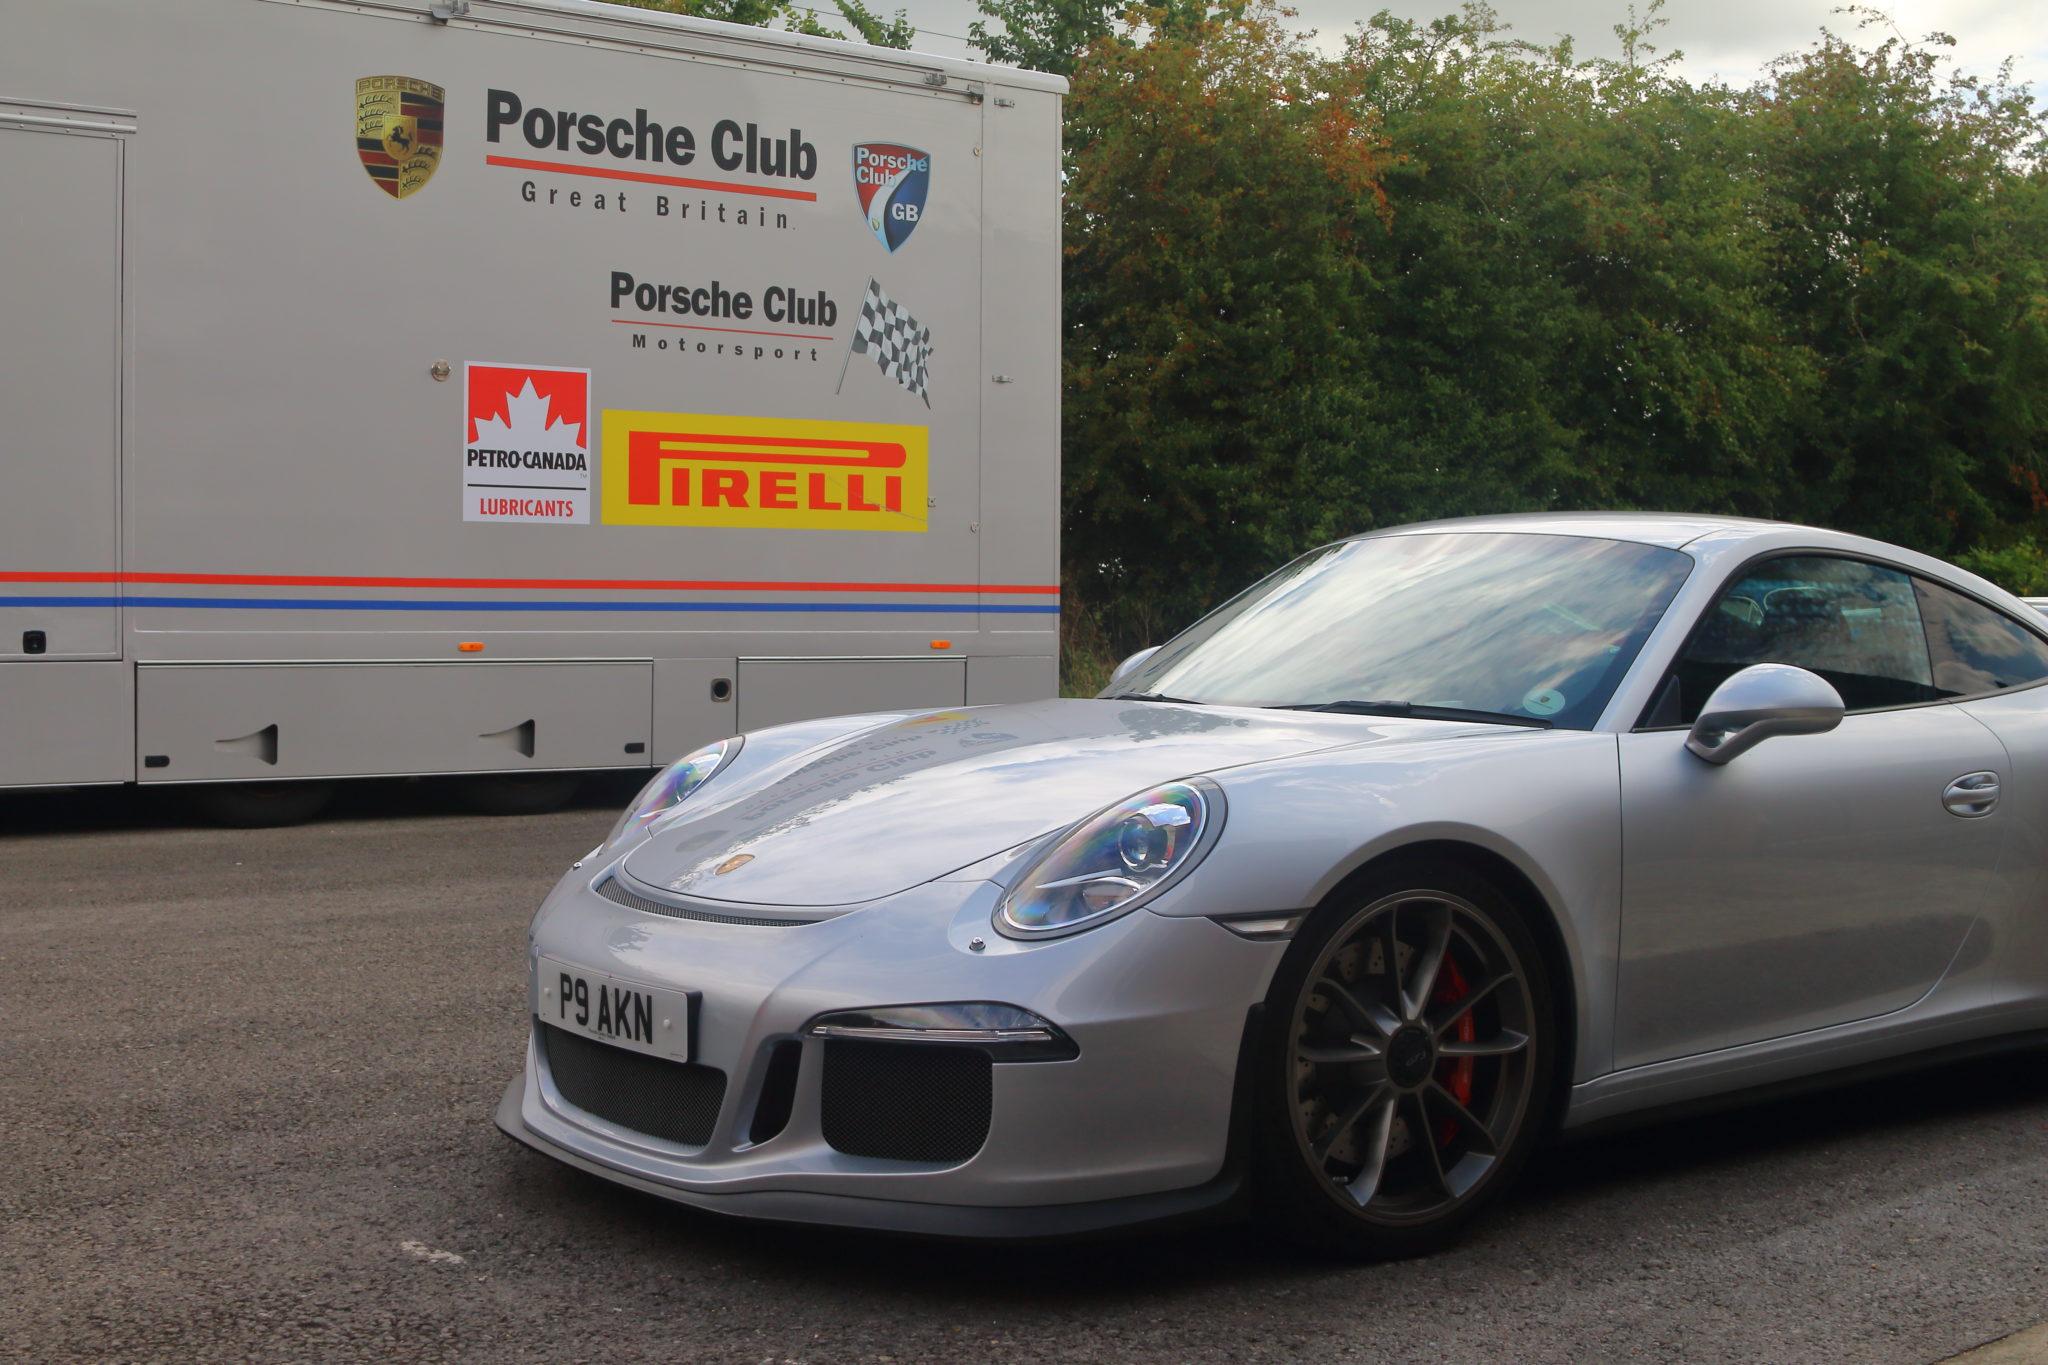 Breakfast with Porsche Club GB